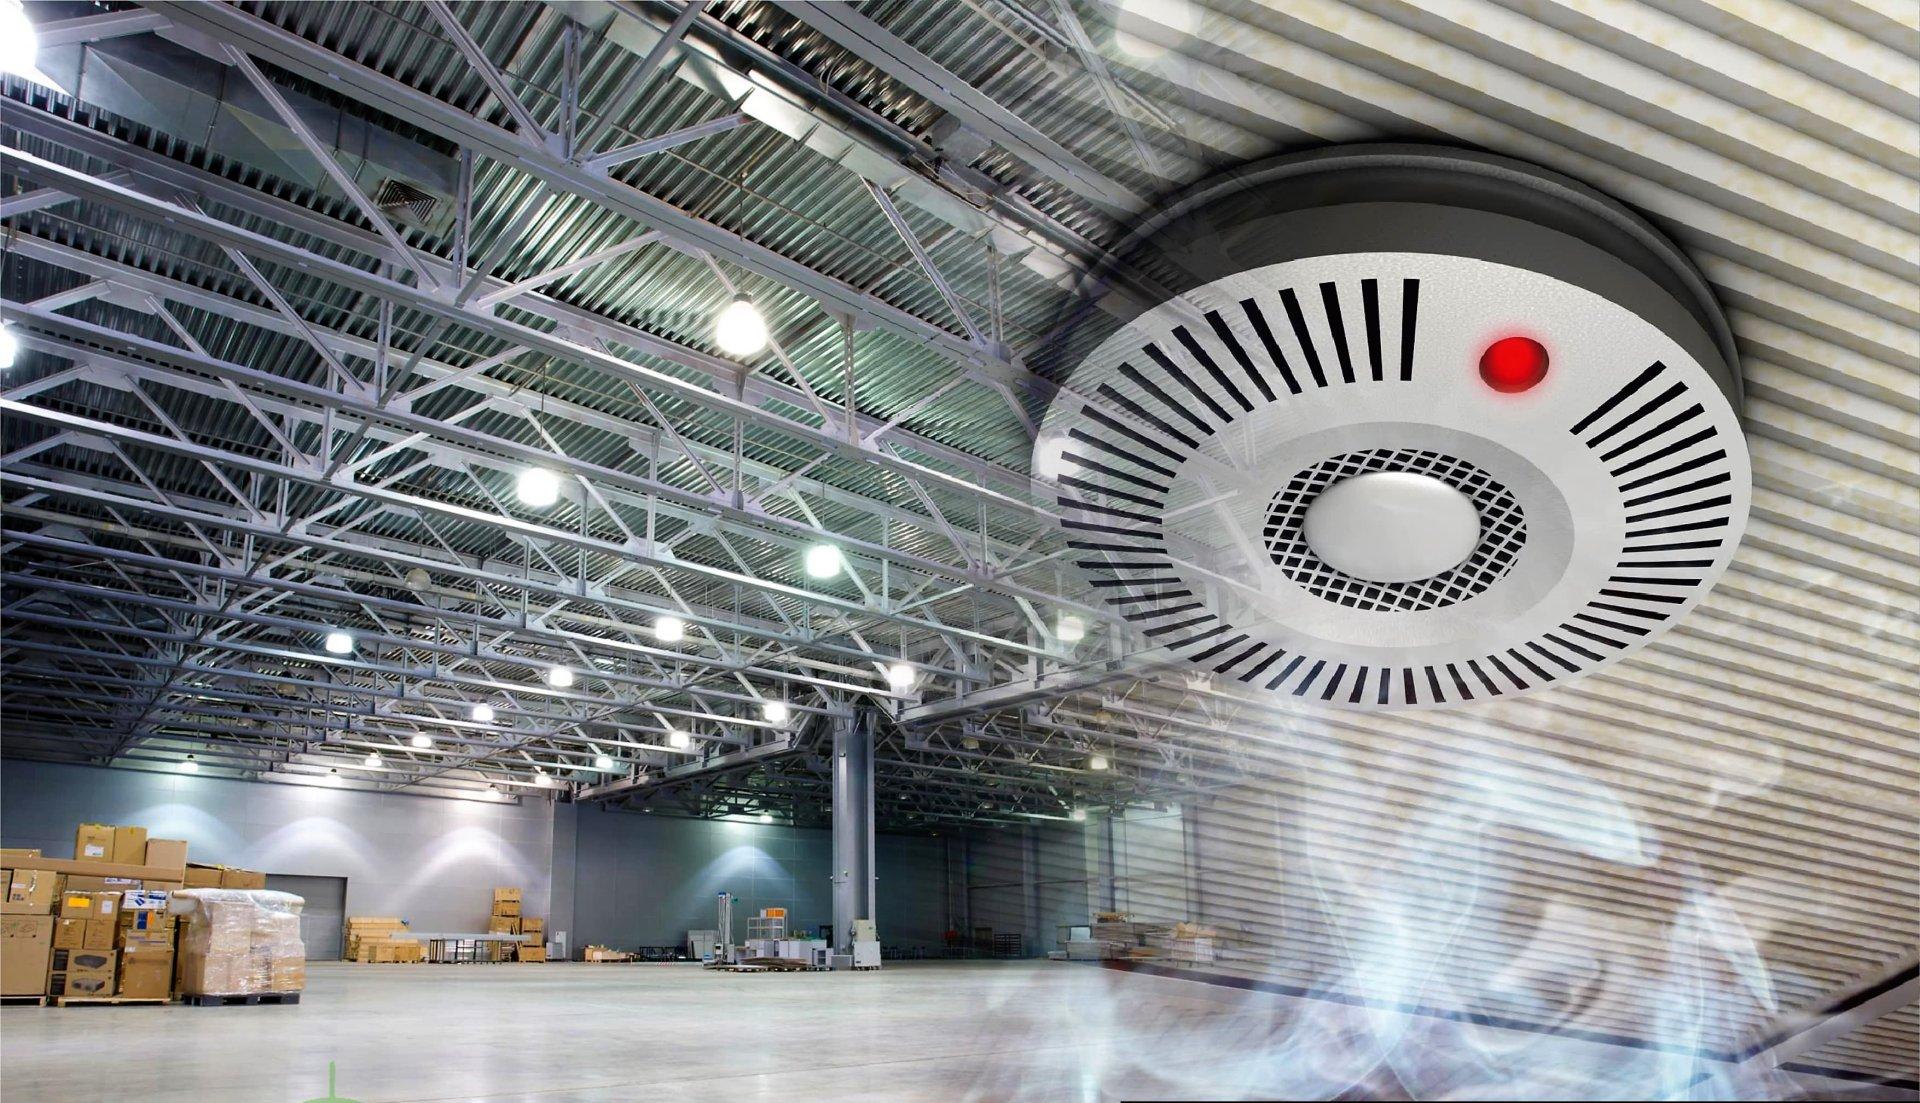 Система сигнализации включает группу датчиков, которые будут срабатывать по показателям температур и дыма, при выявлении открытого огня.